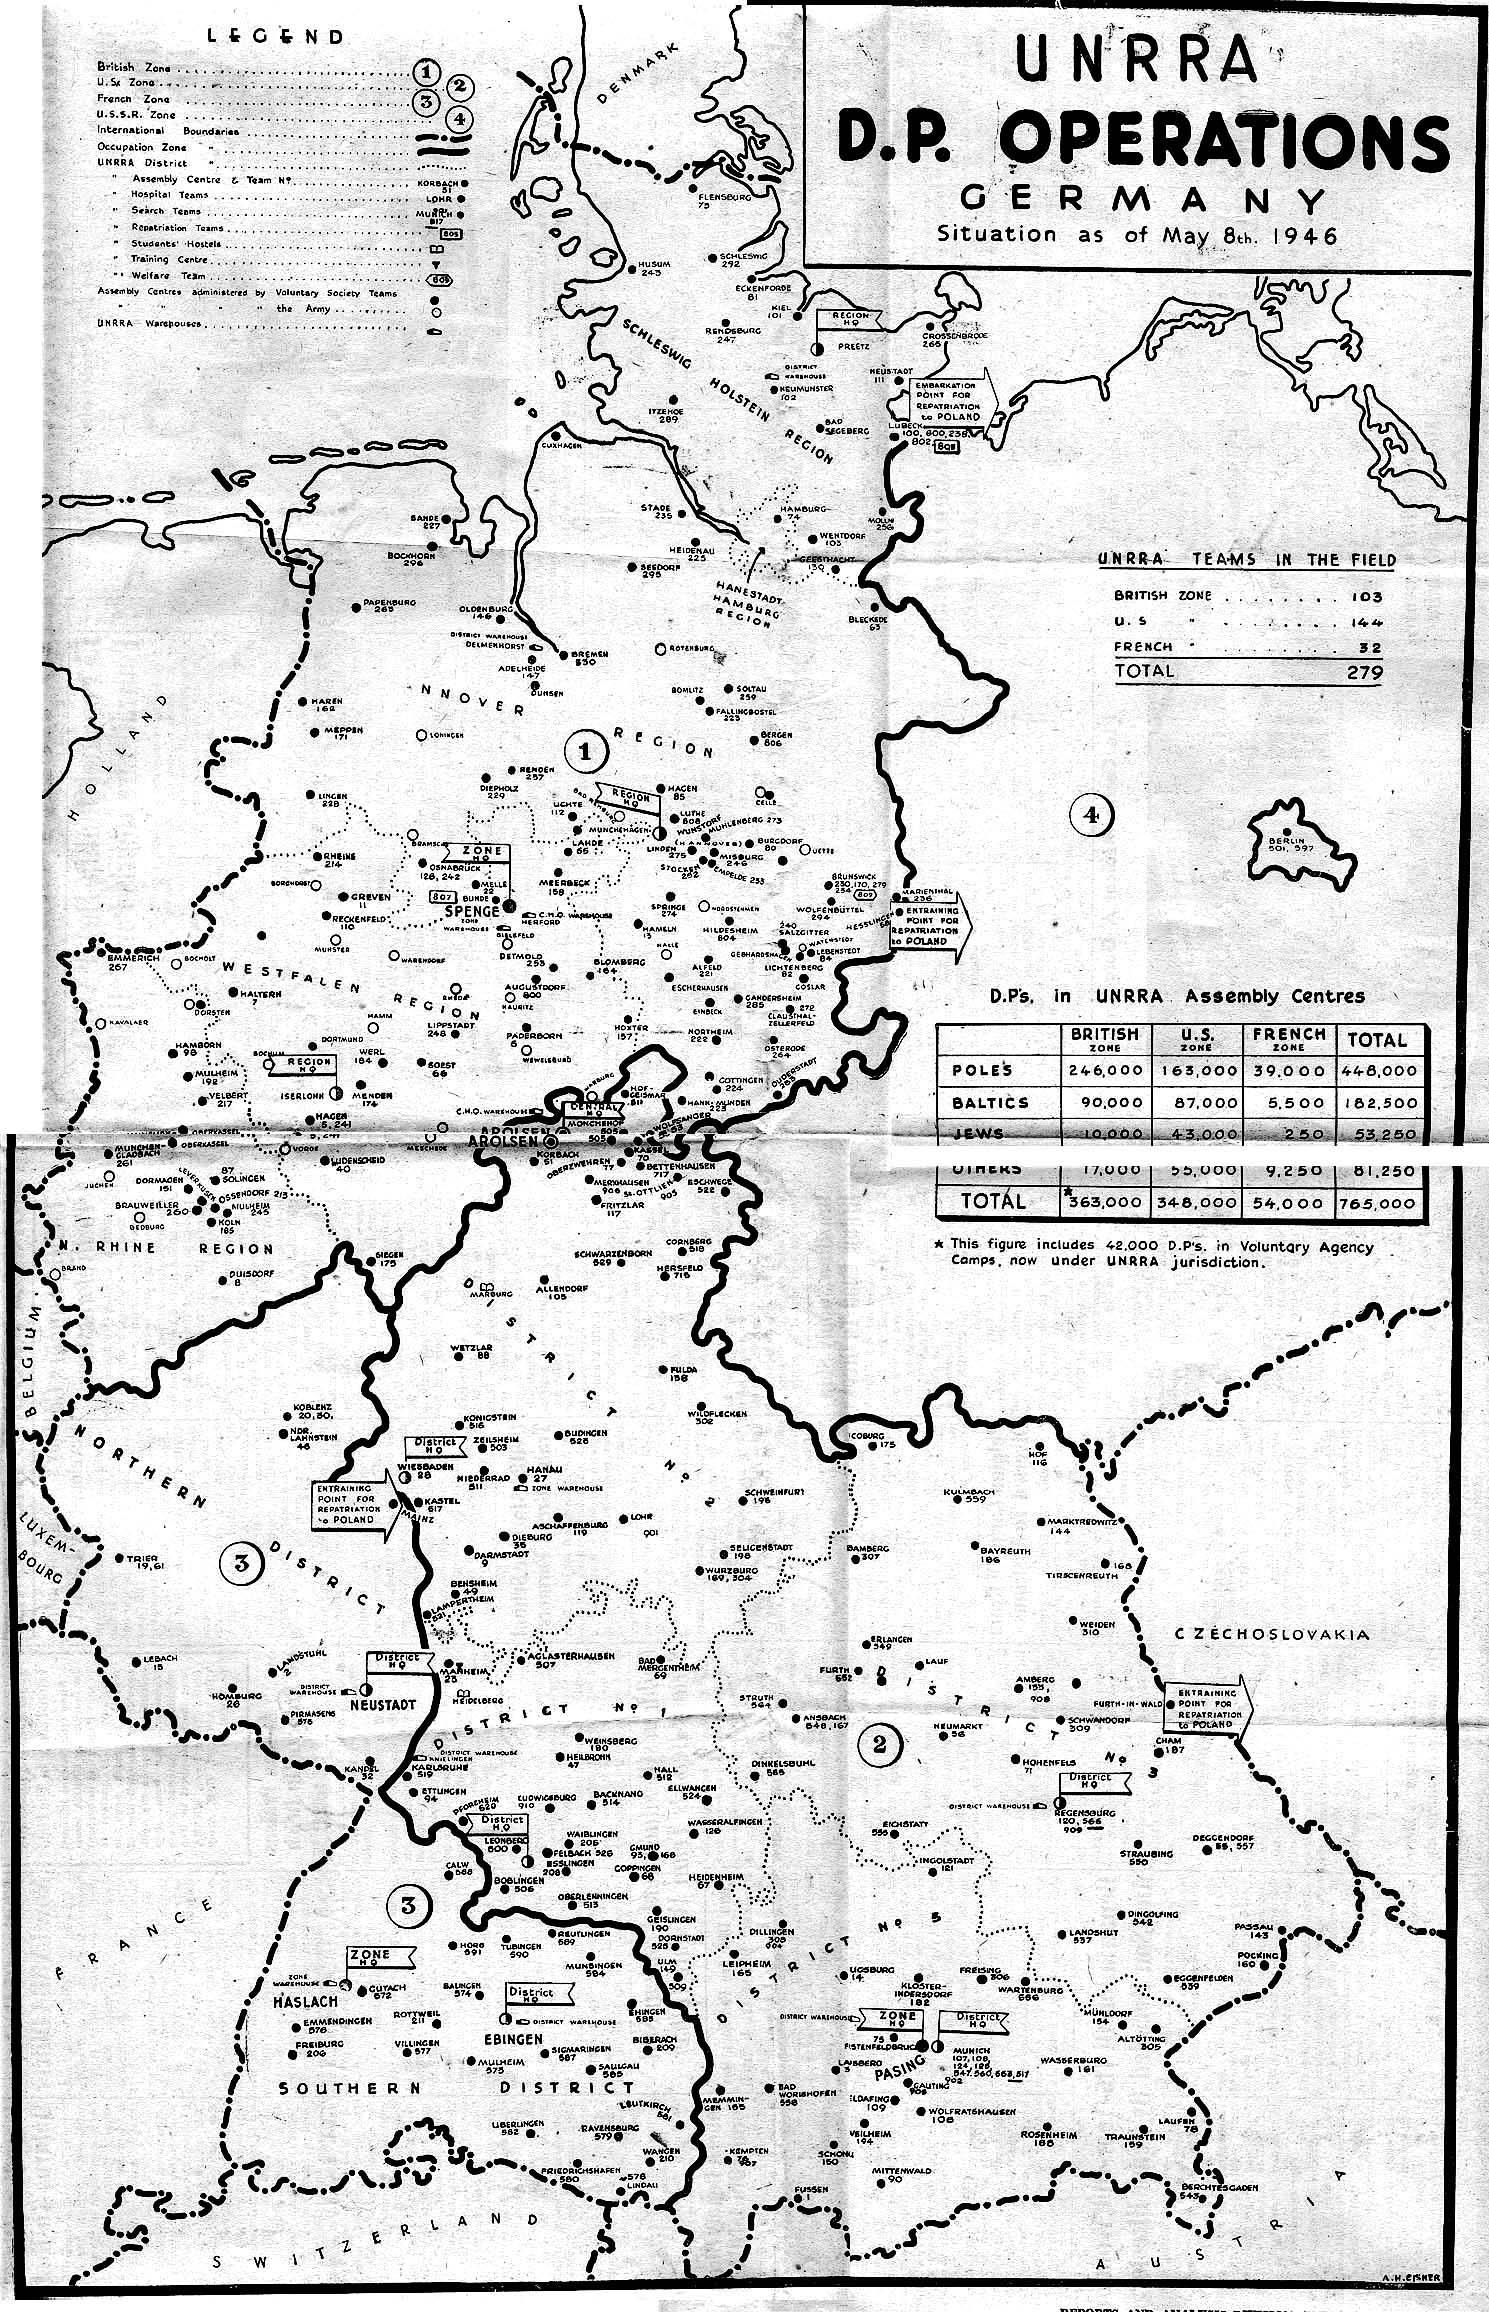 DP Camps 1946